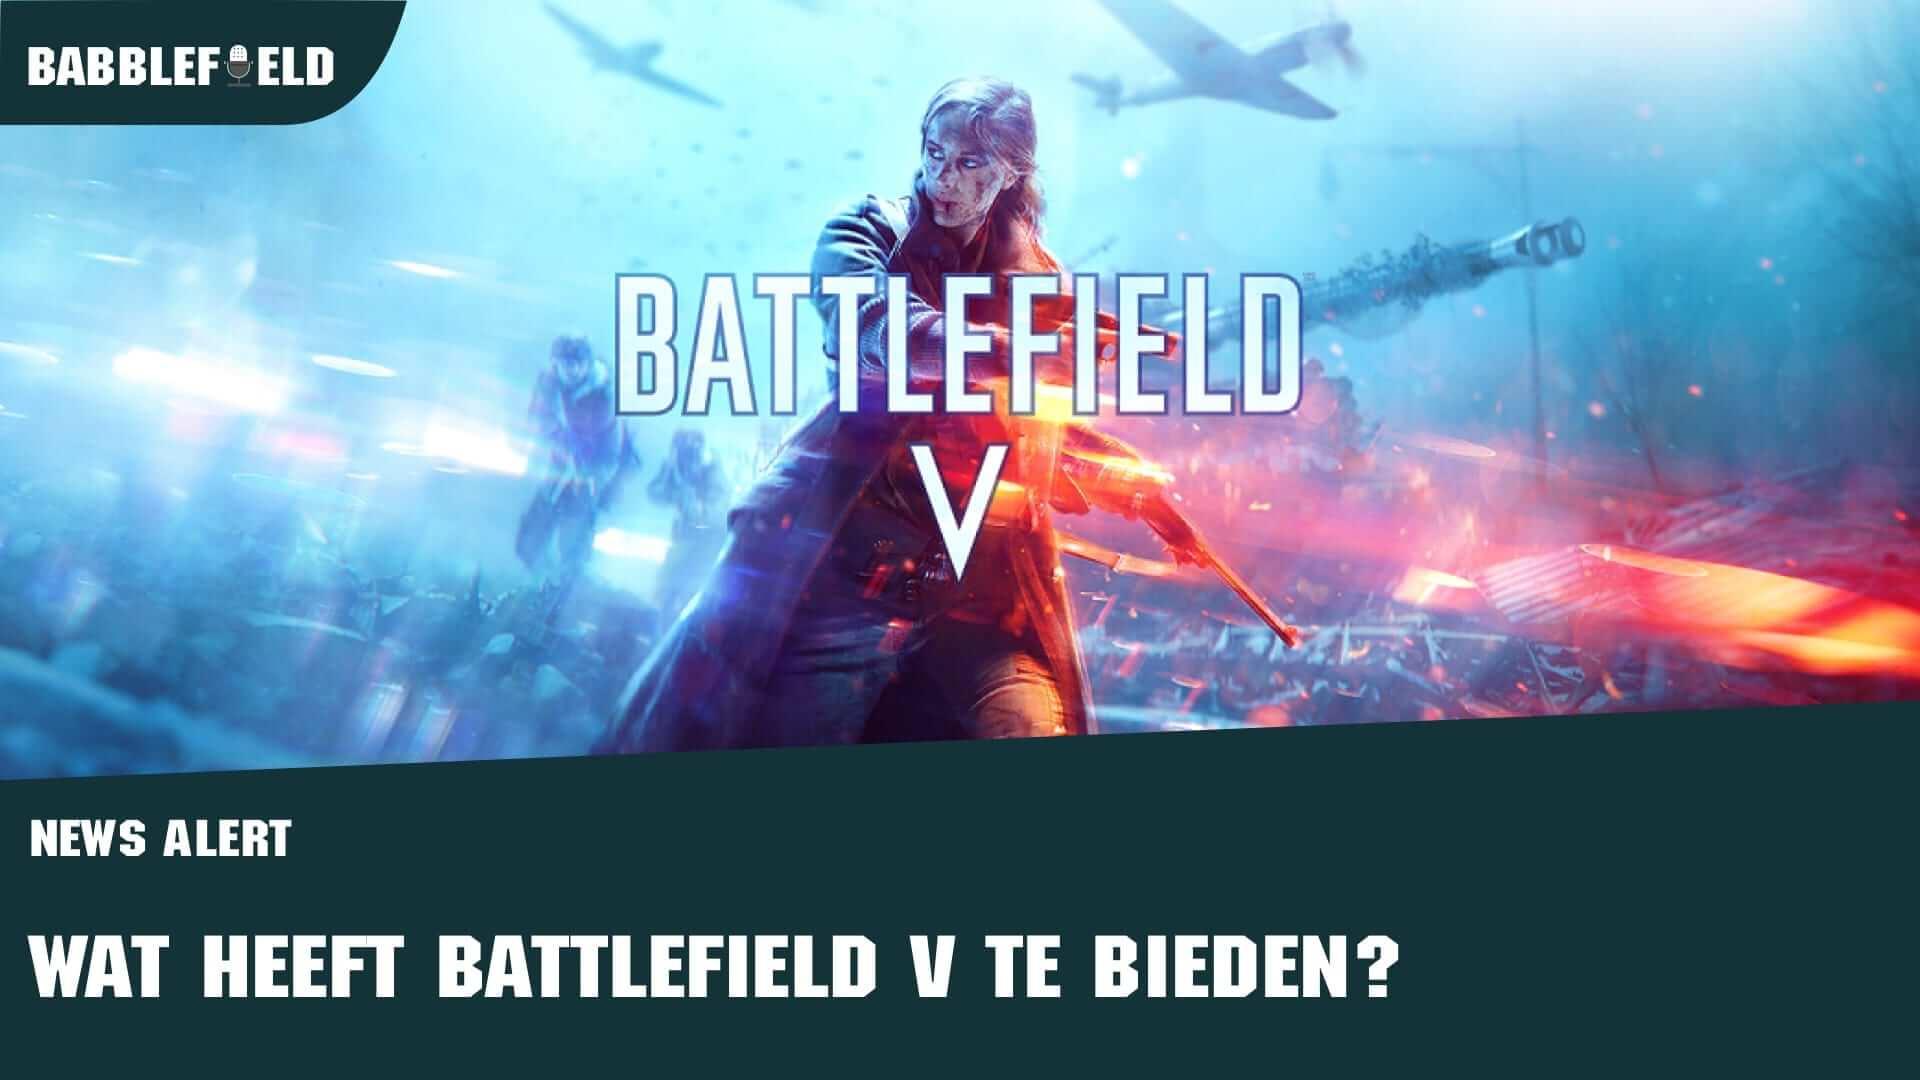 babblefield news alert wat heeft battlefield V te bieden